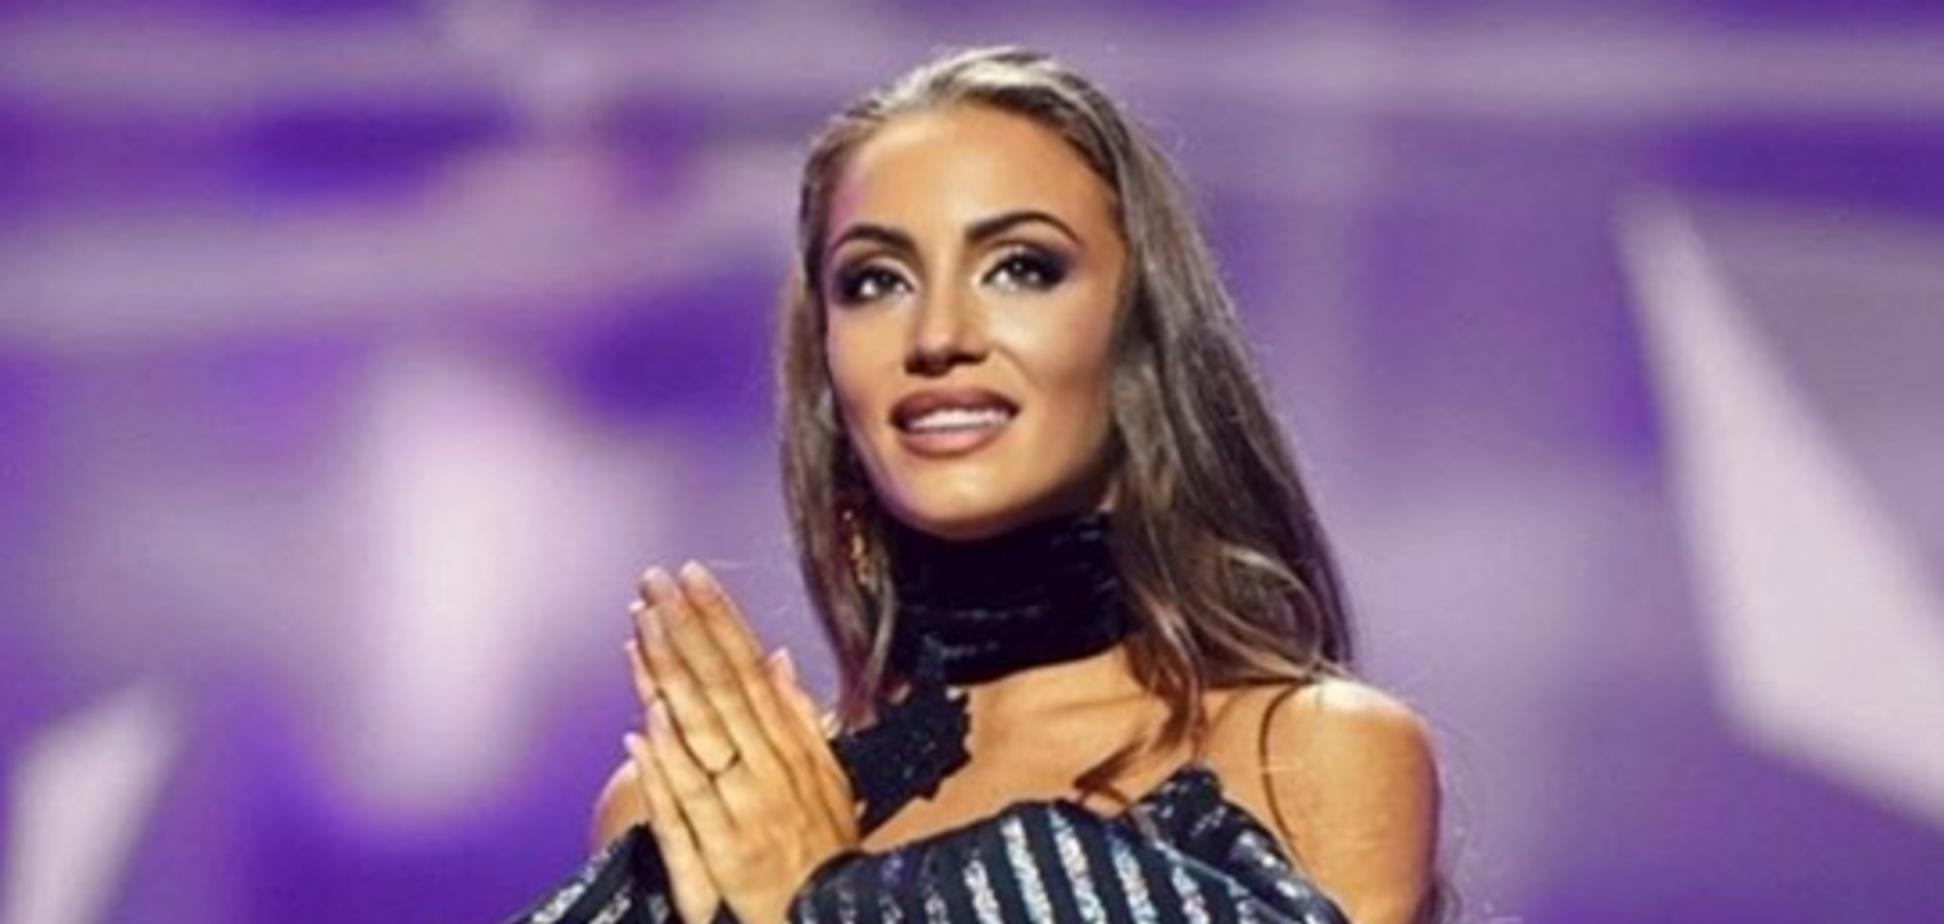 Скандал із Кримом та гарячі фото: що відомо про представницю України на 'Міс Світу'